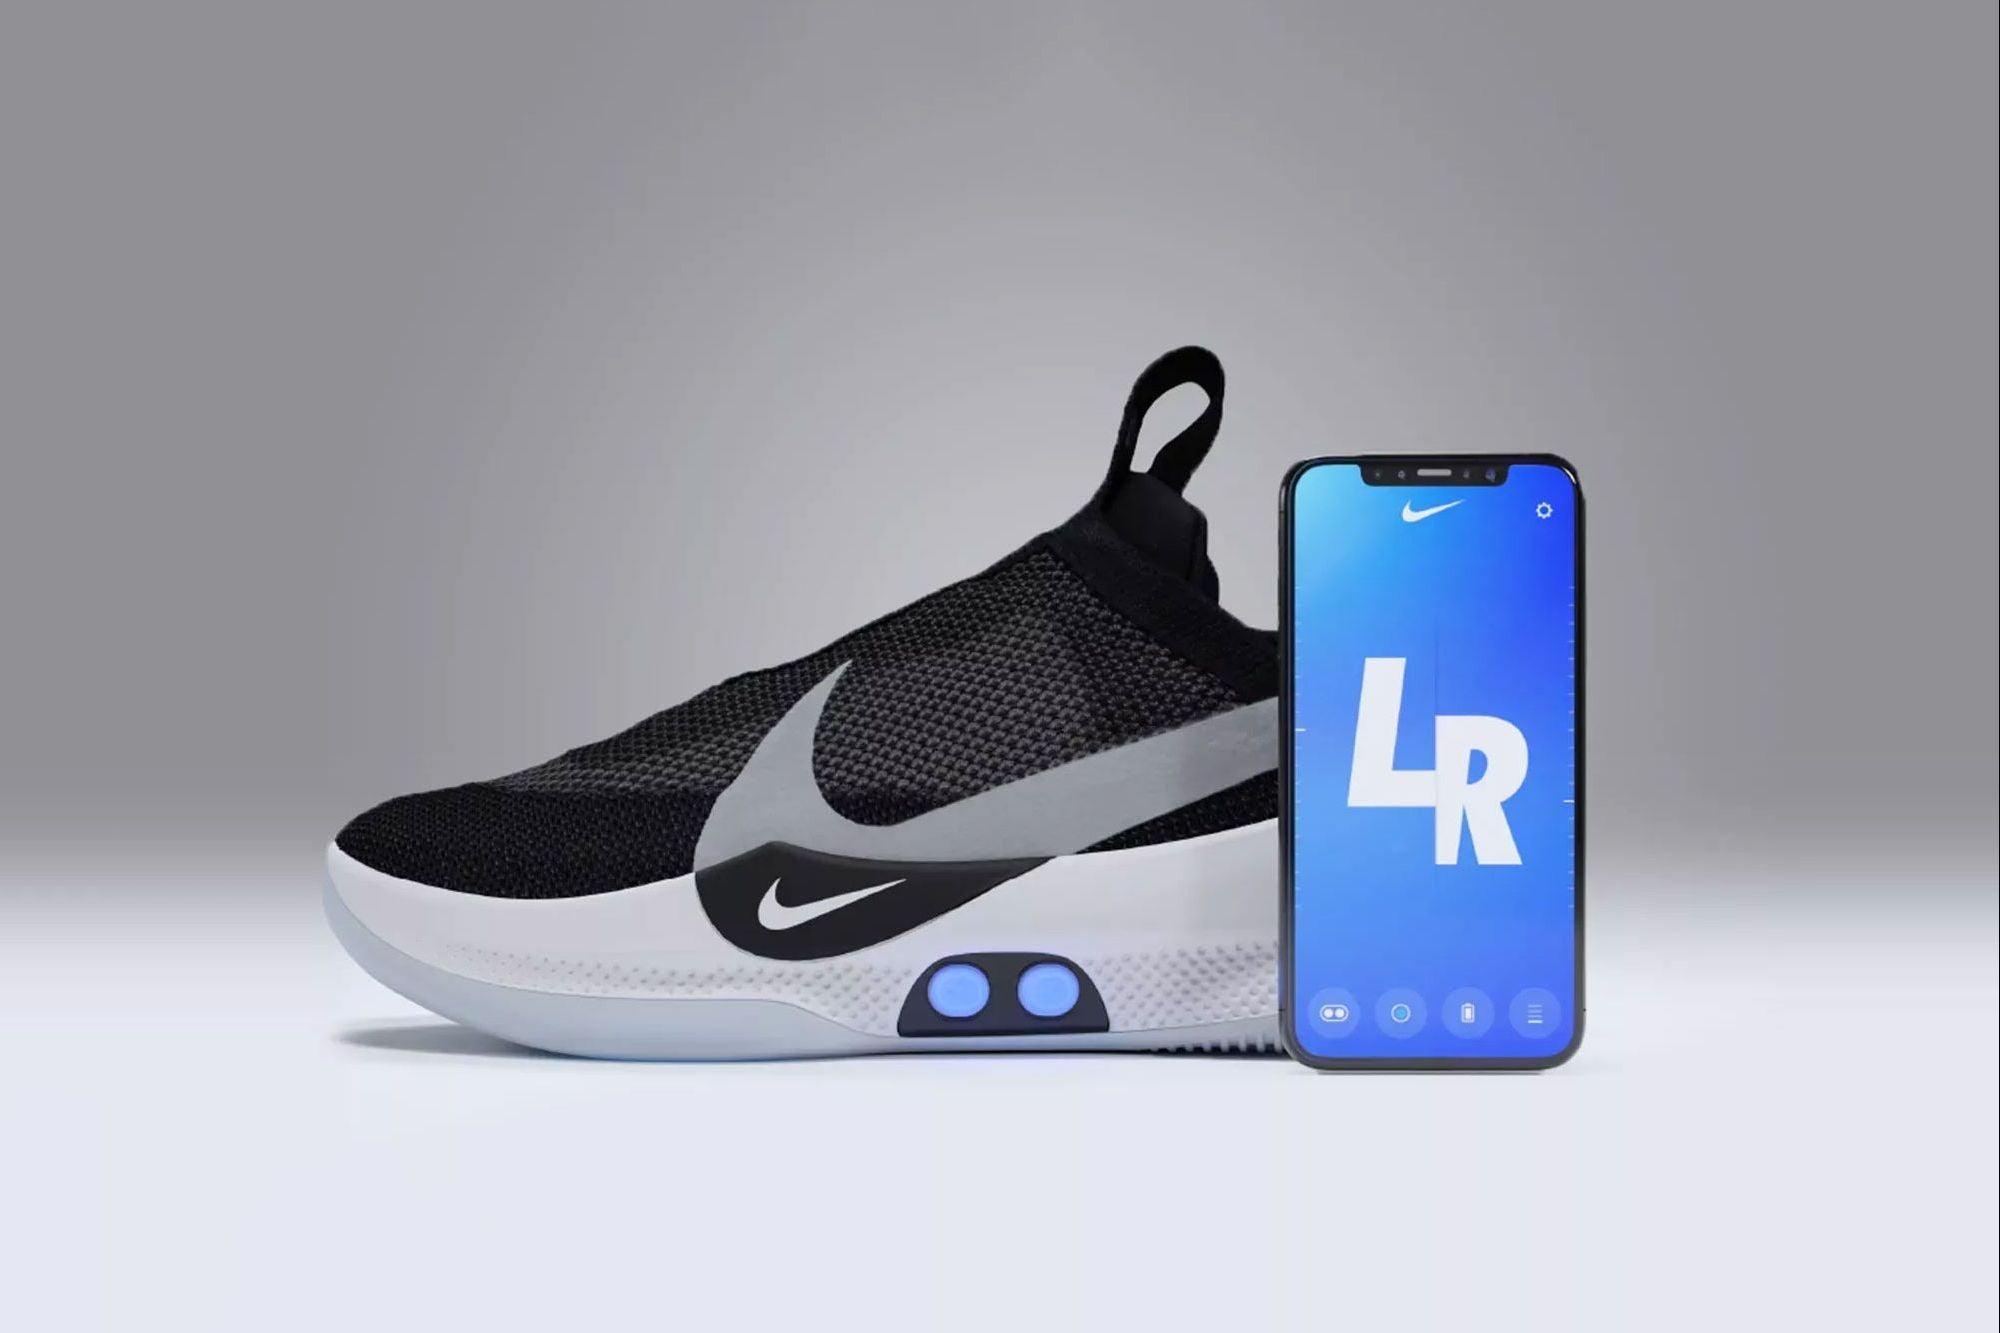 Ver internet Restringido mermelada  Una mala actualización 'descompone' los tenis de 'Volver al futuro' de Nike